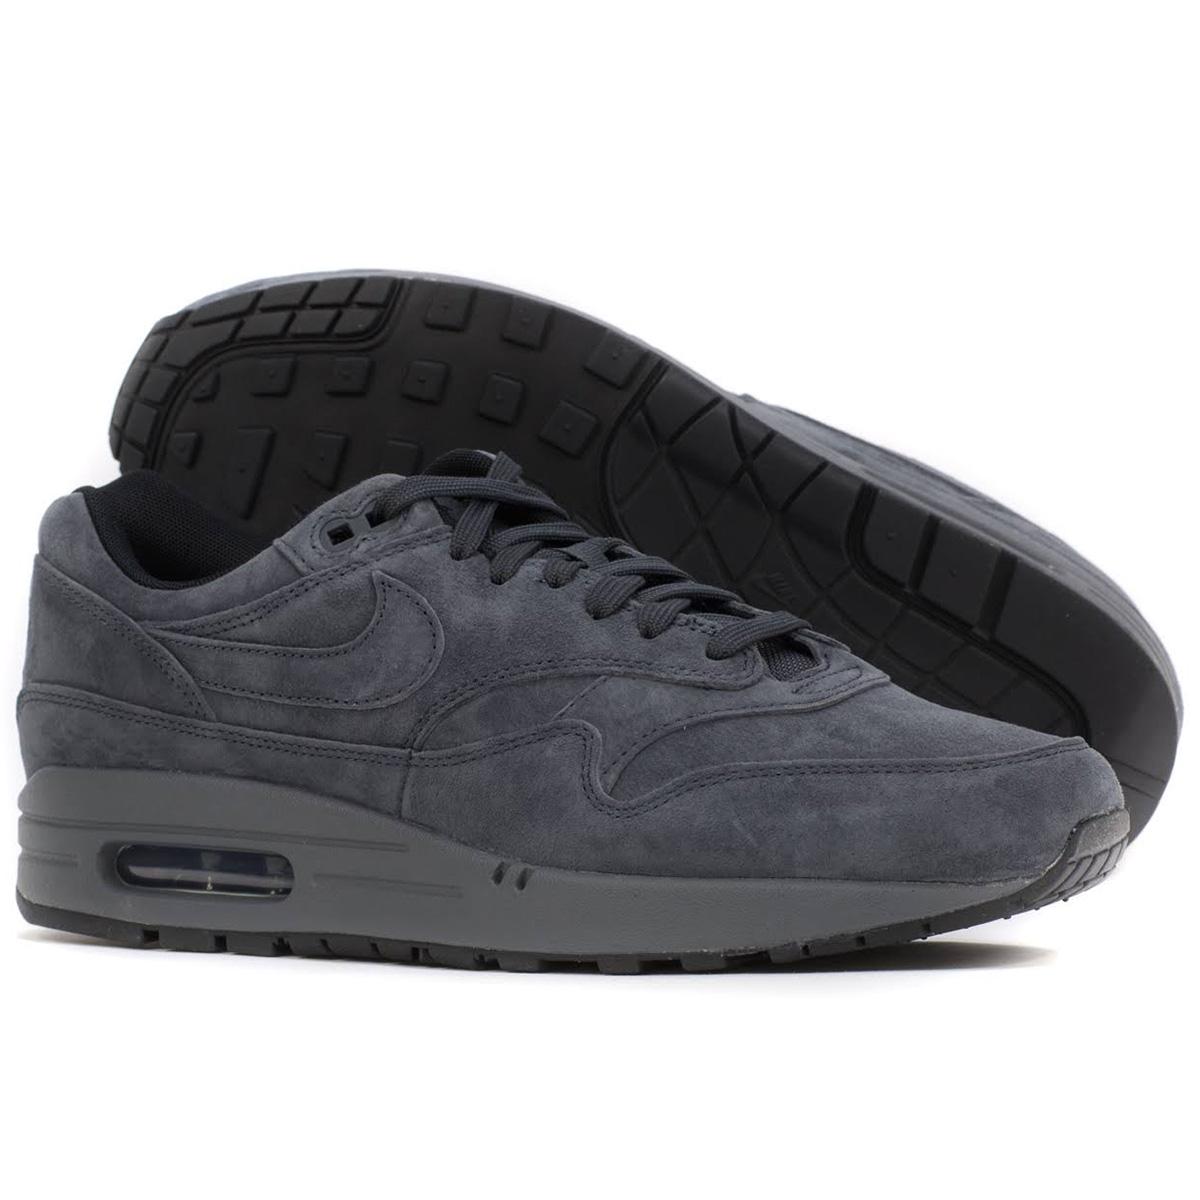 huge discount a88d7 4a9d3 Nike Air Max 1 Premium Sneaker grau 875844 010 – Bild 5